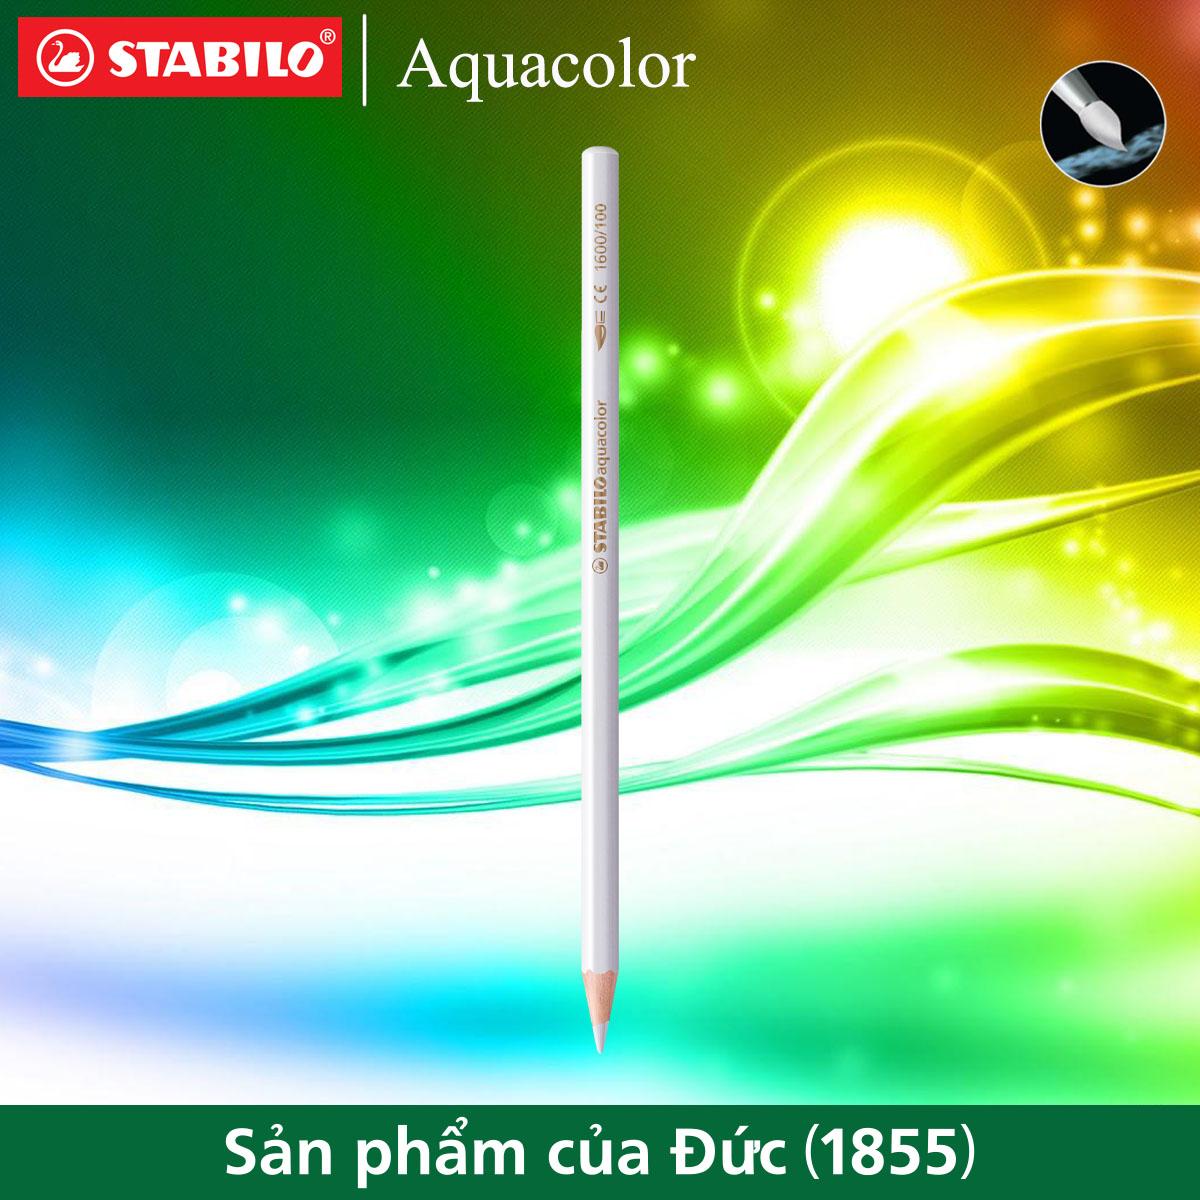 Bút chì màu nước STABILO Aquacolor CLW